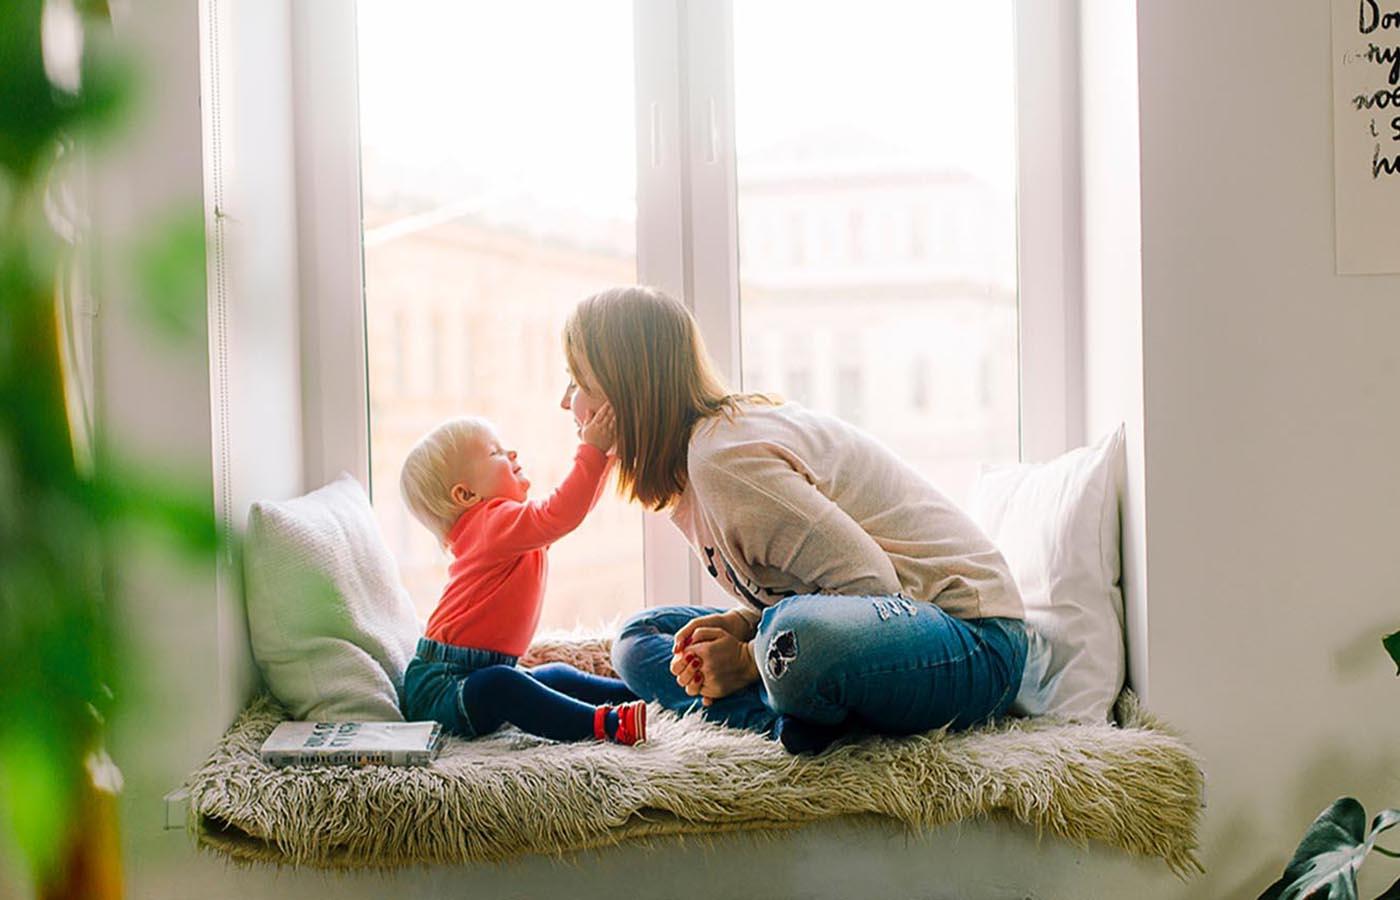 Δραστηριότητες για μικρά παιδιά – Απλοί τρόποι για να απολαύσετε τη ζωή με το παιδί σας -Thisisus.gr